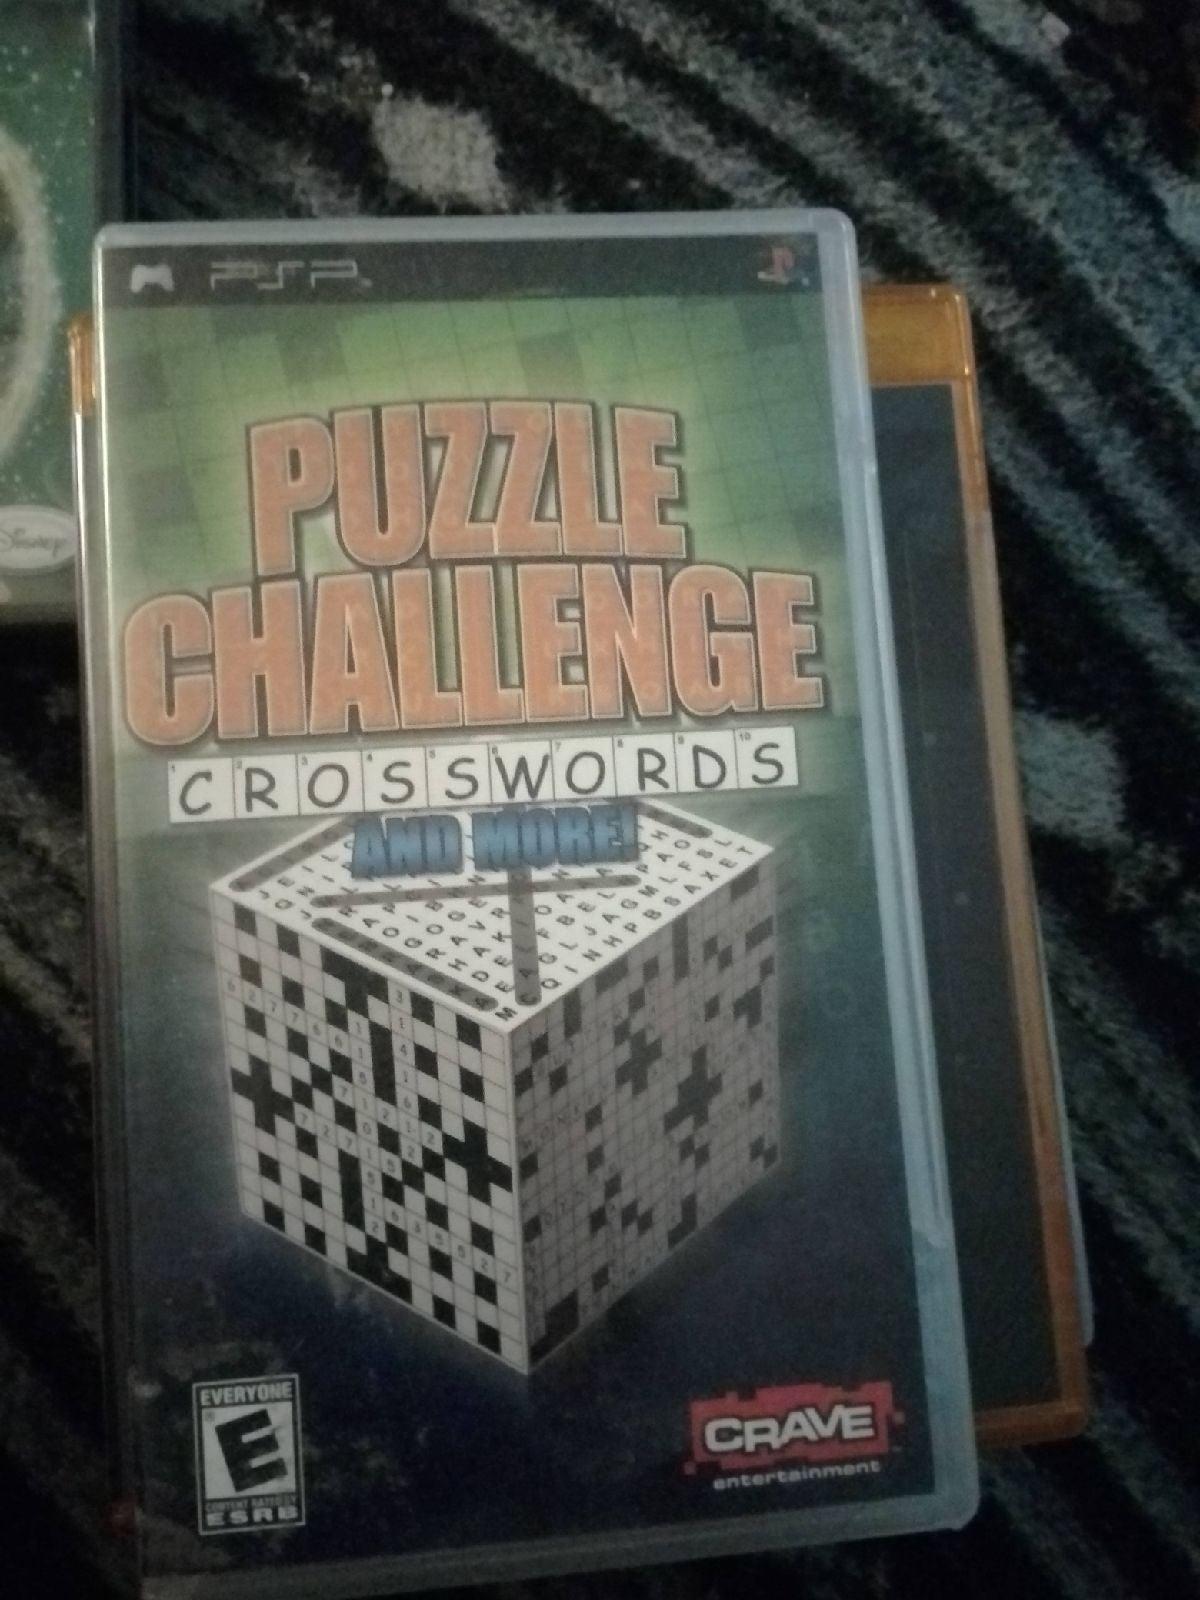 Puzzle Challenge Crossword PSP